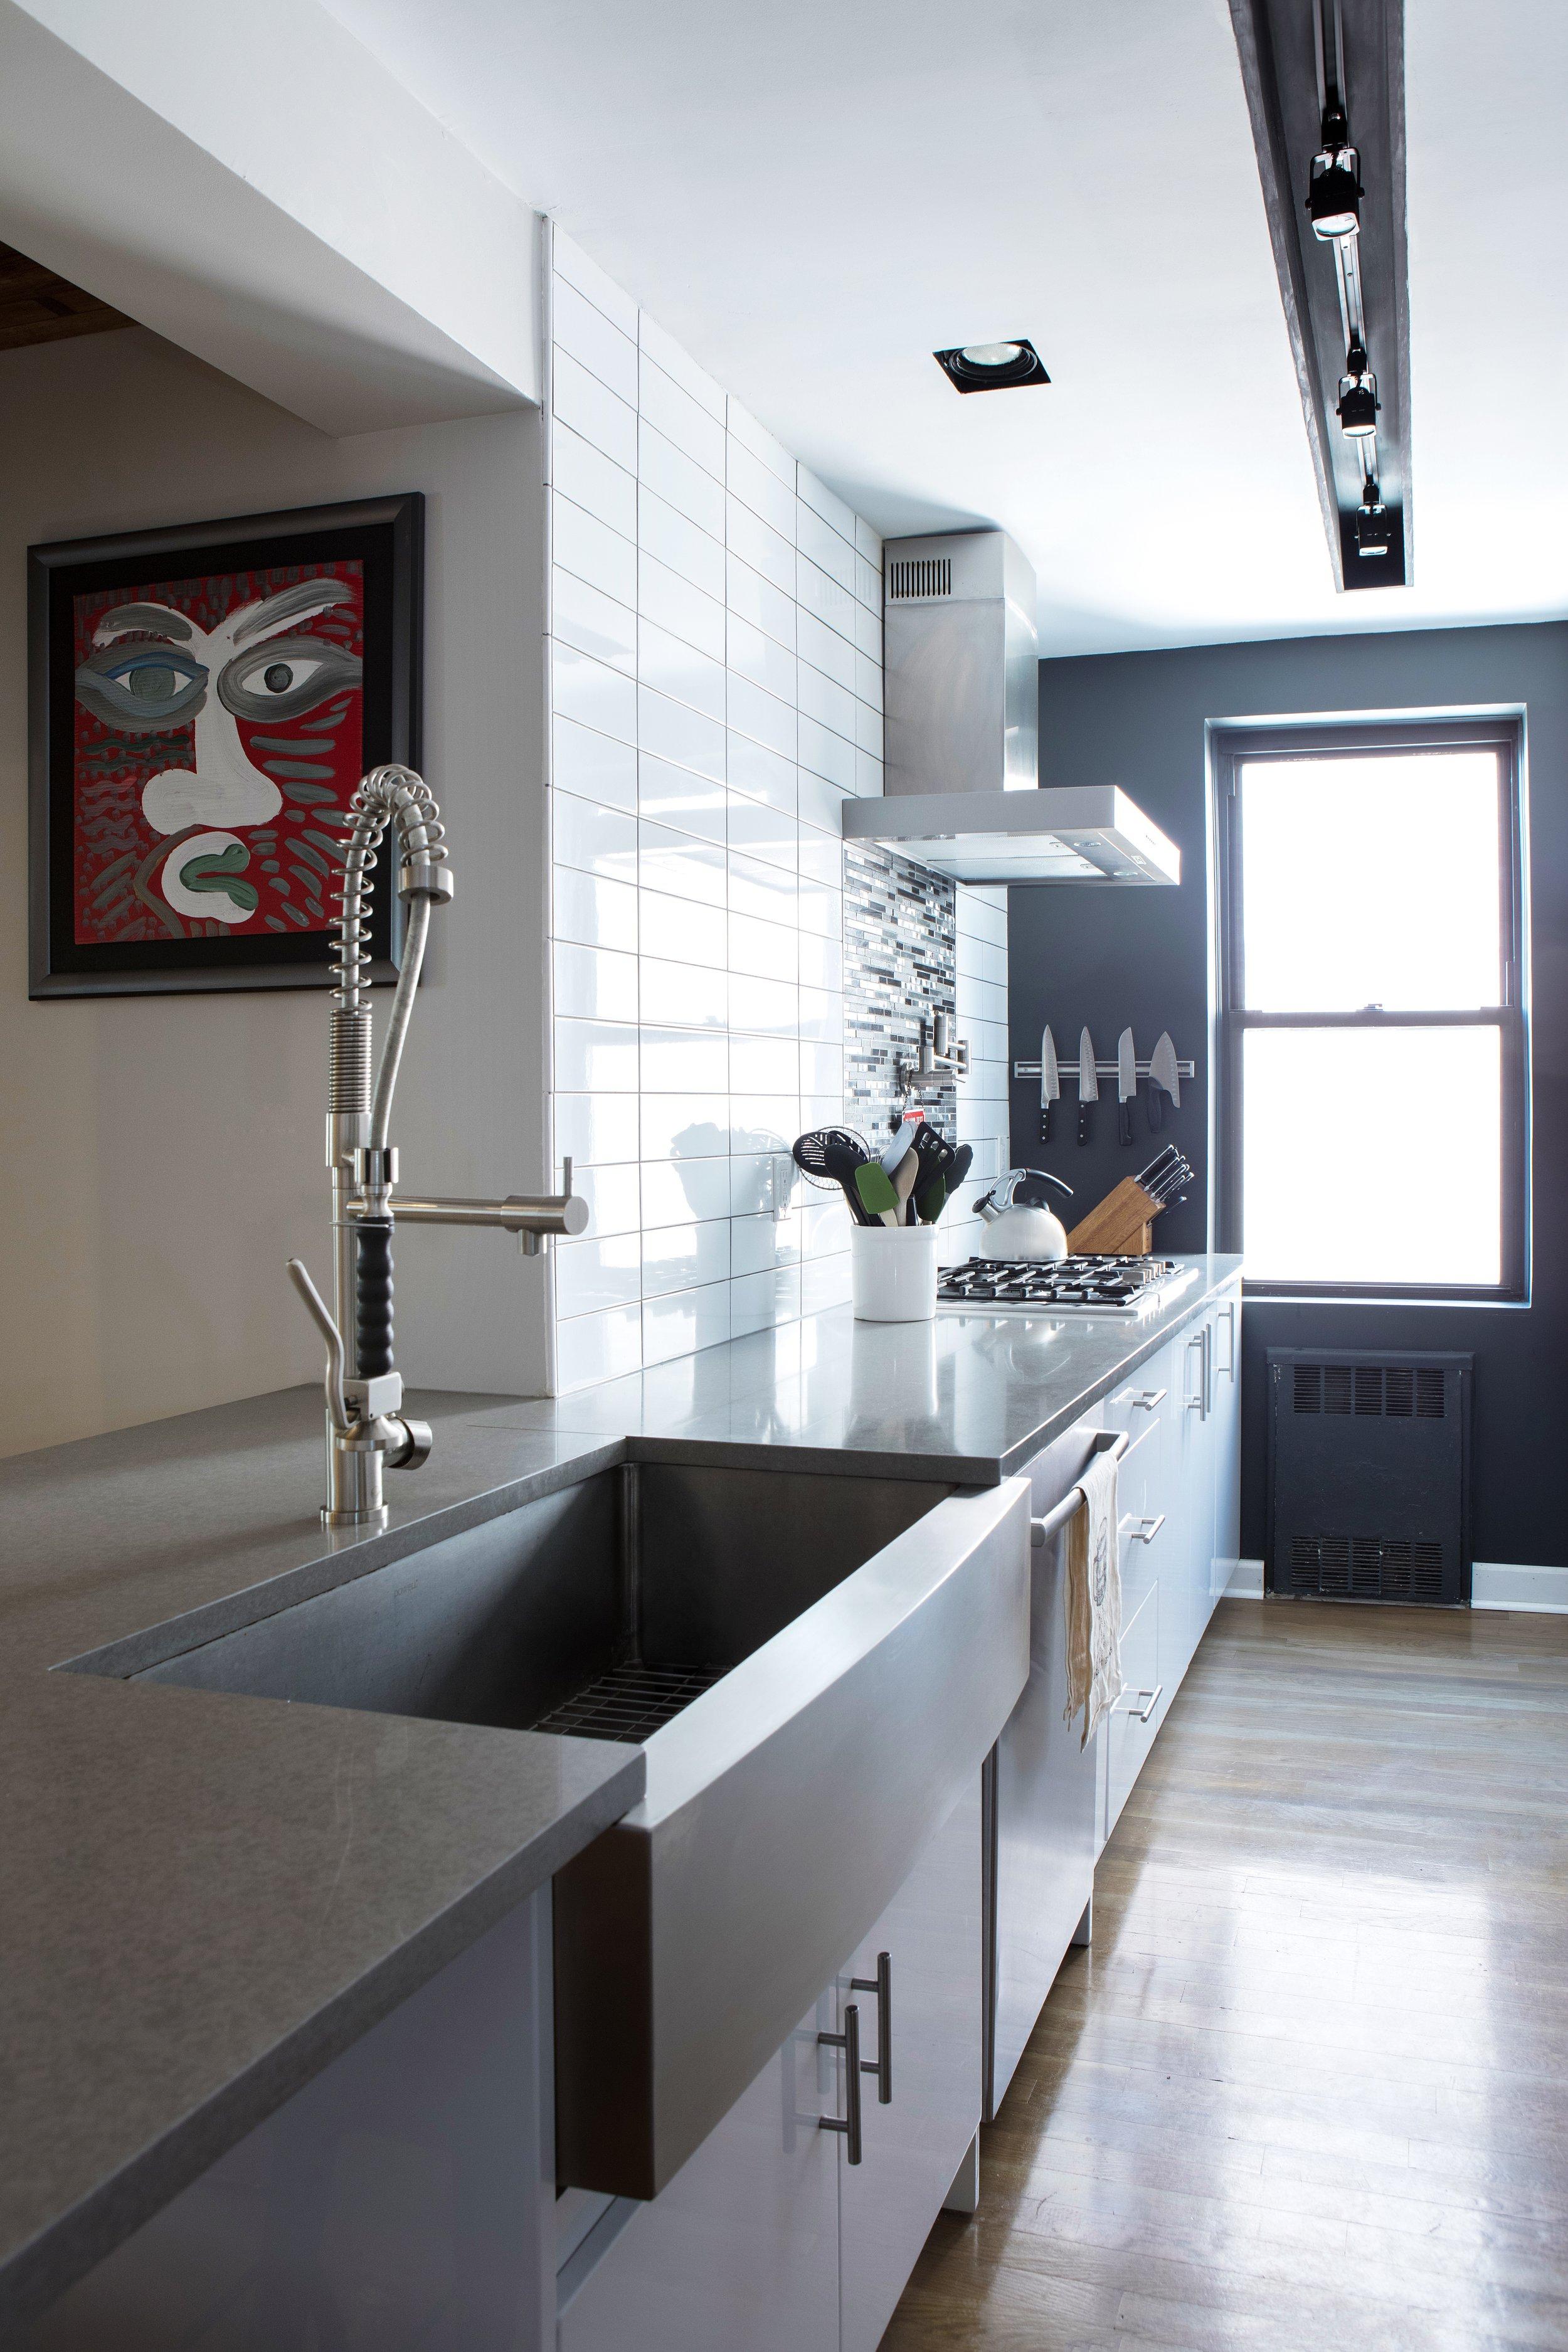 Modern, light, bright grey and white kitchen by Dickerman Design, Brooklyn kitchen design